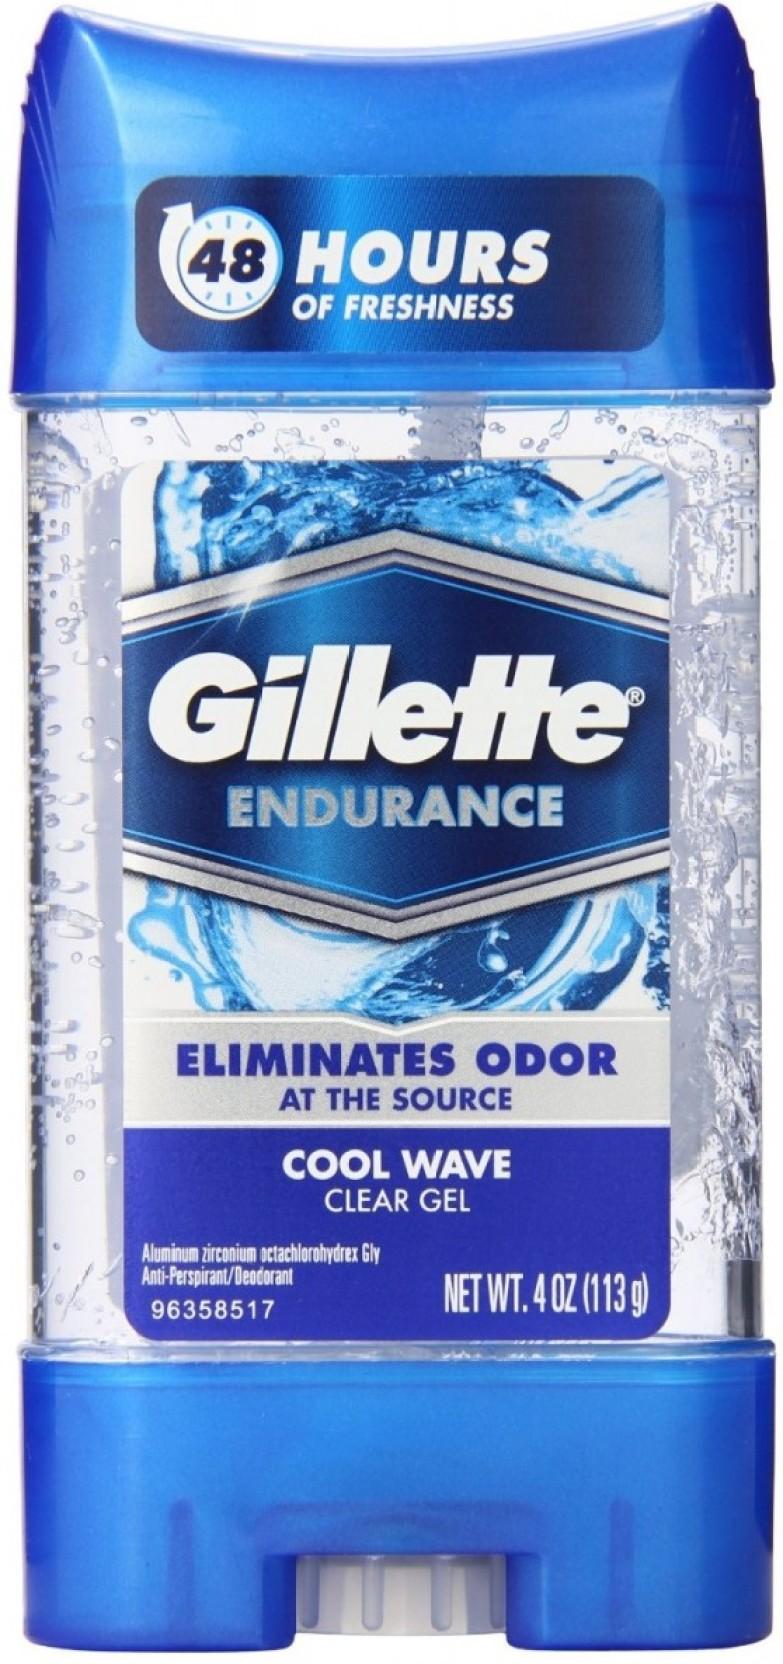 Gillette Cool Wave Clear Gel Deodorant Stick For Men